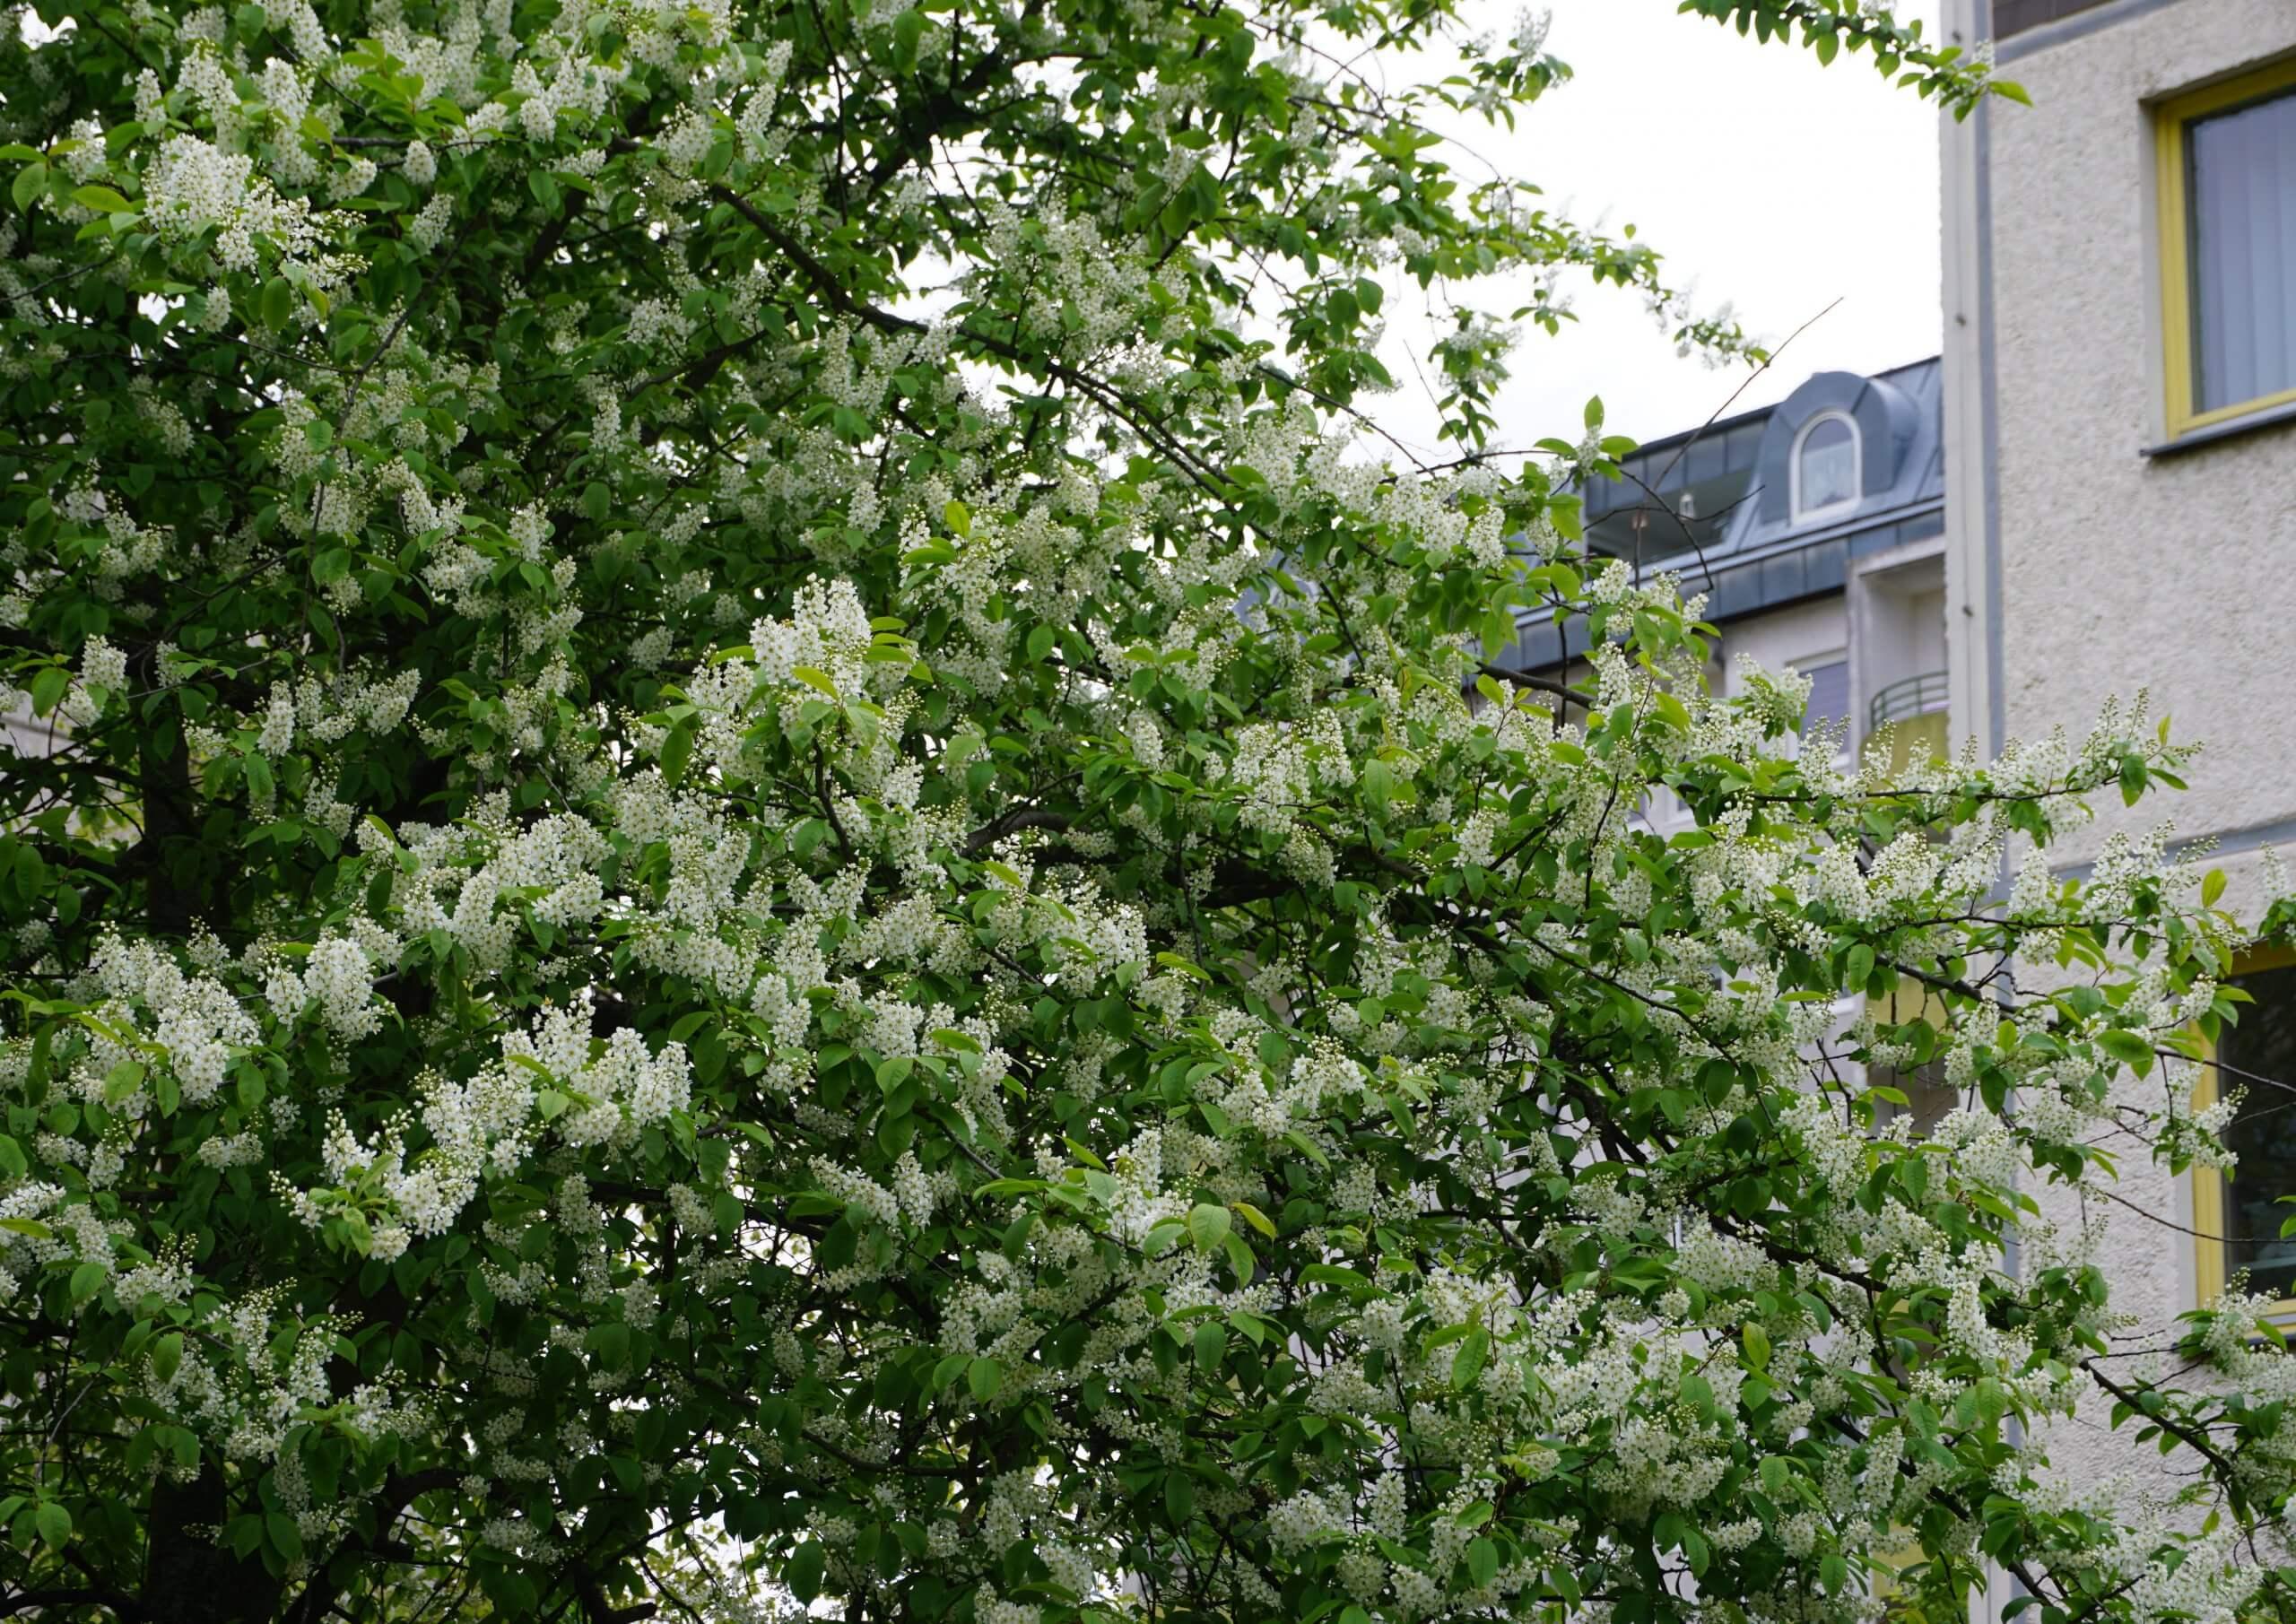 Das Bild zeigt die mit geöffneten Blütentrauben behangene Krone einer Gewöhnlichen Traubenkirsche am Bürgerhaus im Kosmosviertel Anfang Mai 2021.